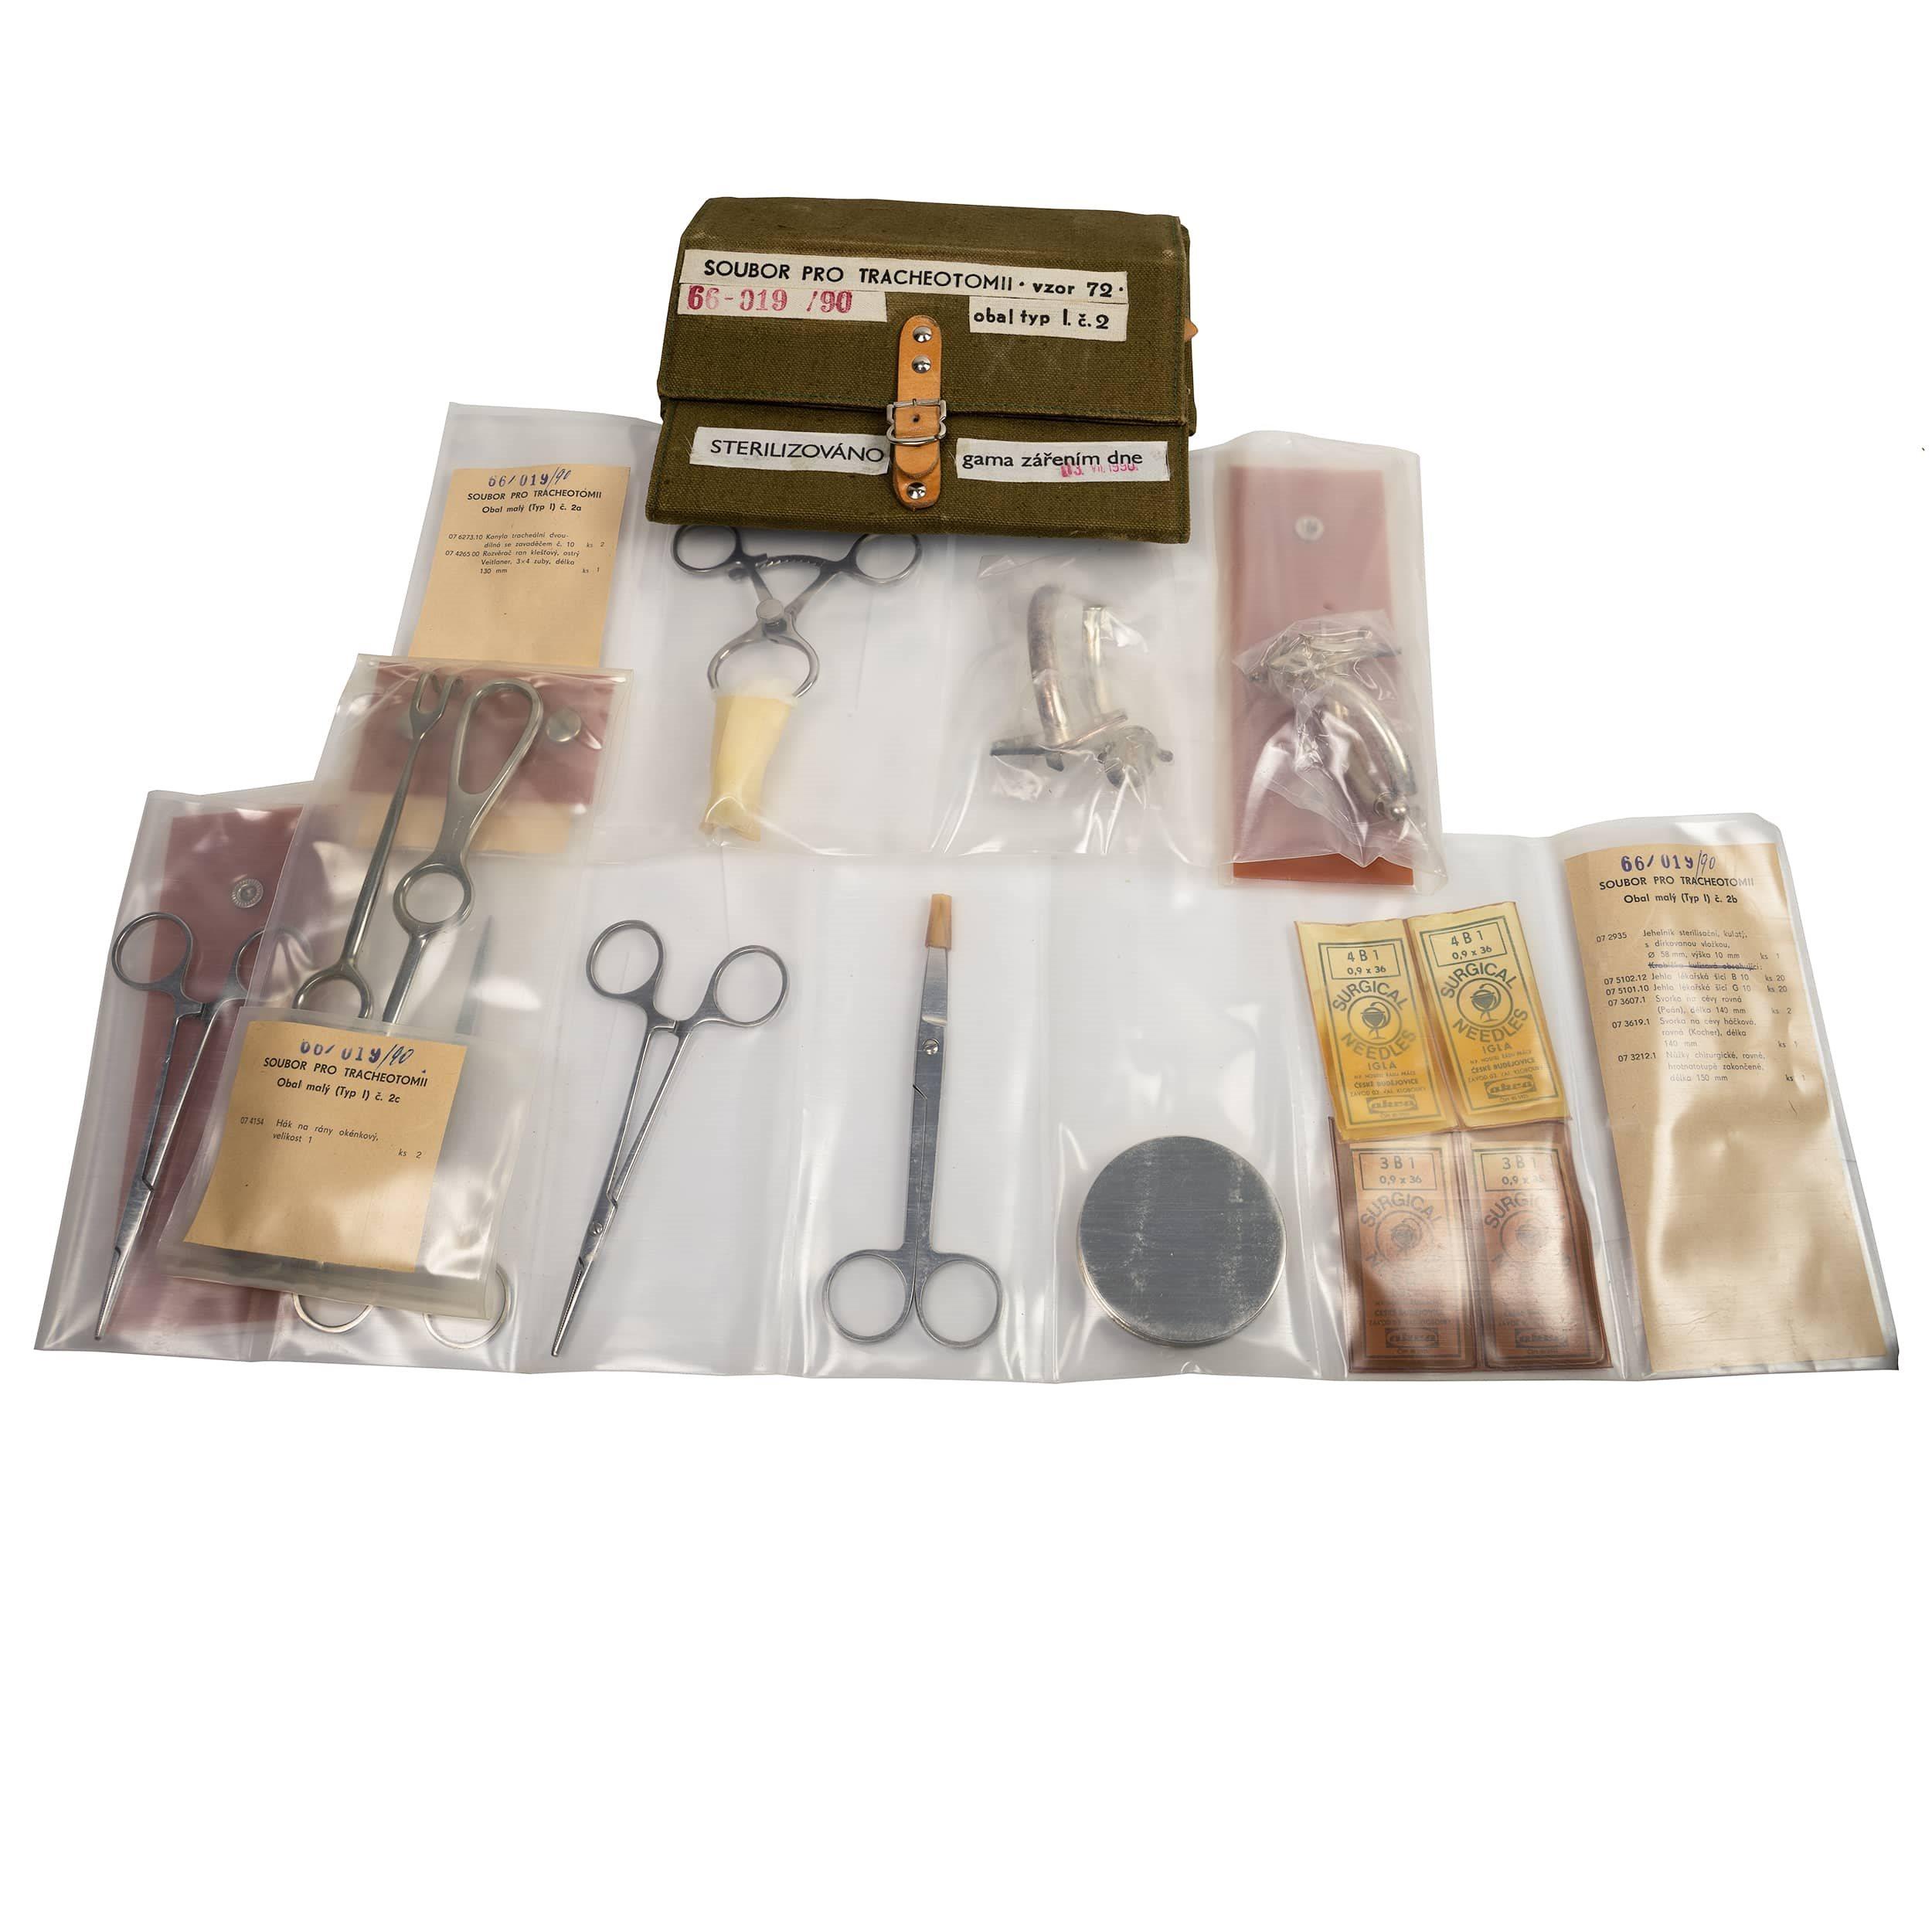 Soubor chirurgických nástrojů pro TRACHEOTOMII vz.72 Armáda ČR 66-019-90 L-11